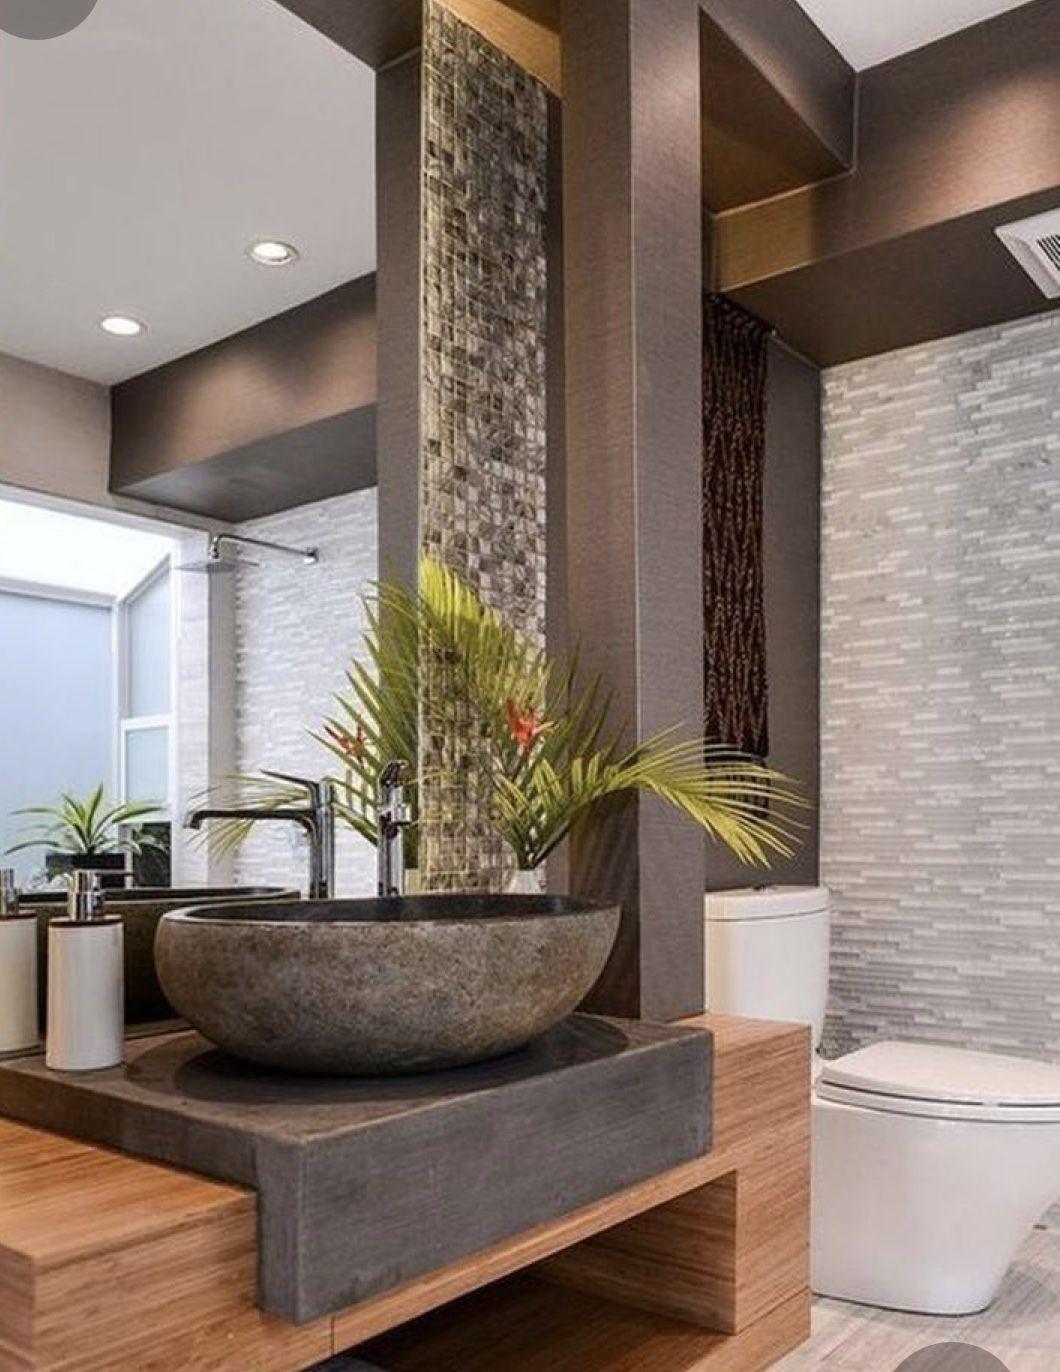 Pin de Gabipin en Guest bathroom en 2020 | Decoracion de ...